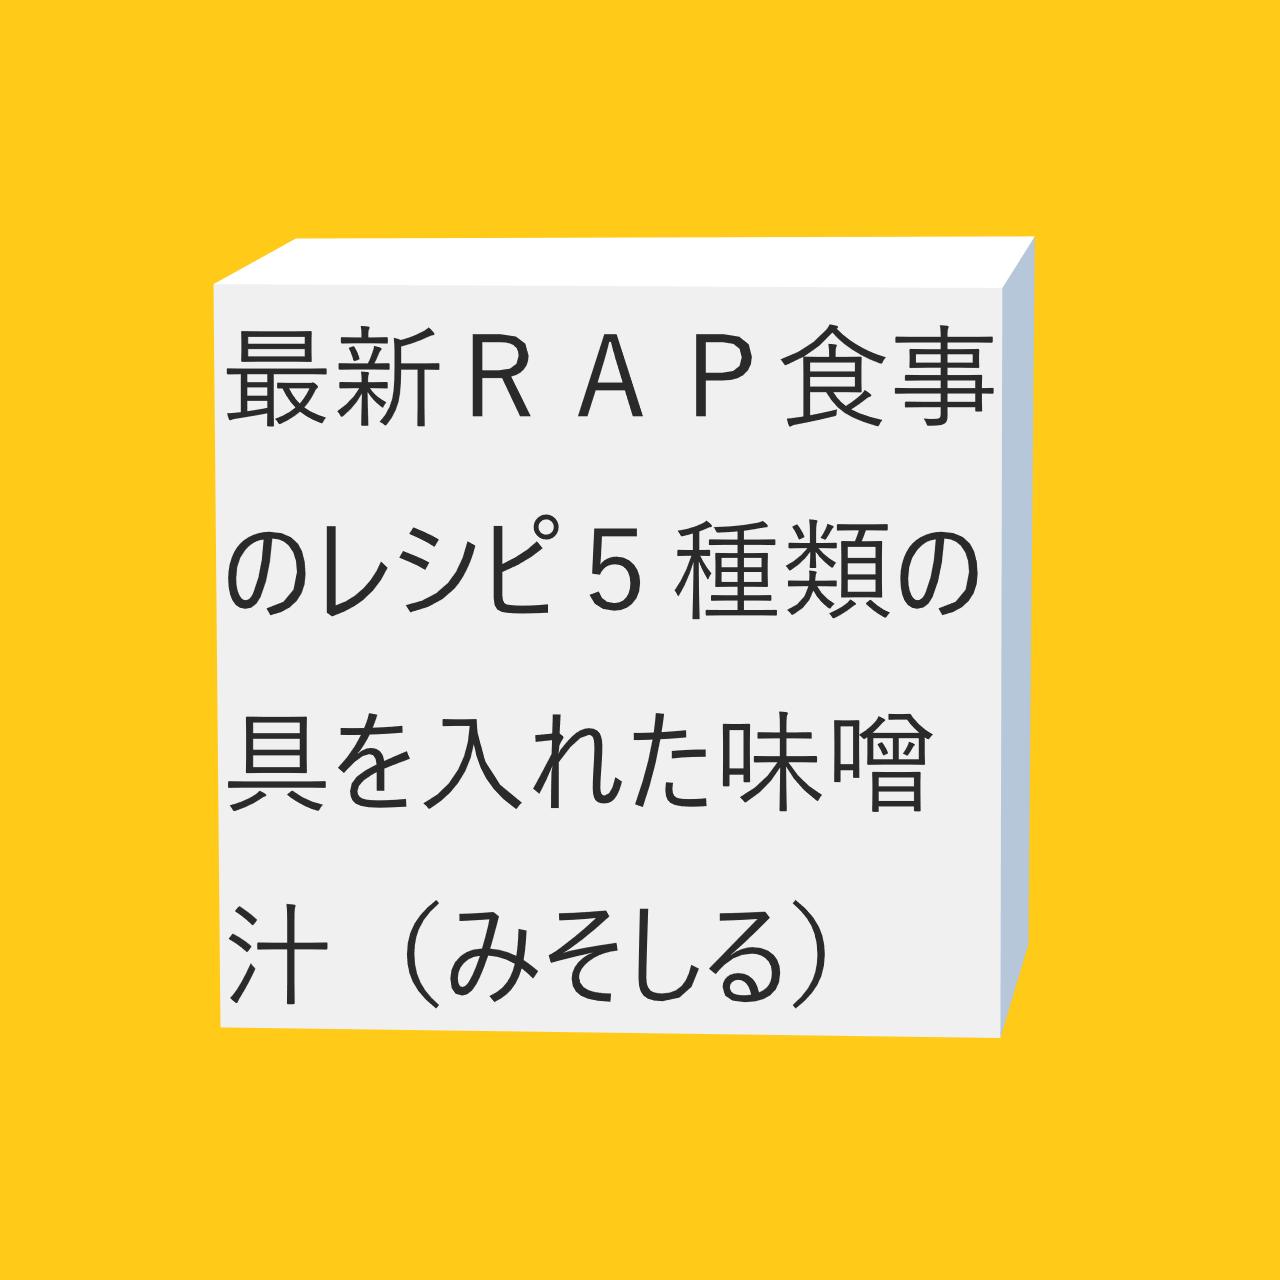 最新RAP食事のレシピ5種類の具を入れた味噌汁(みそしる) にかかる画像(がぞう)